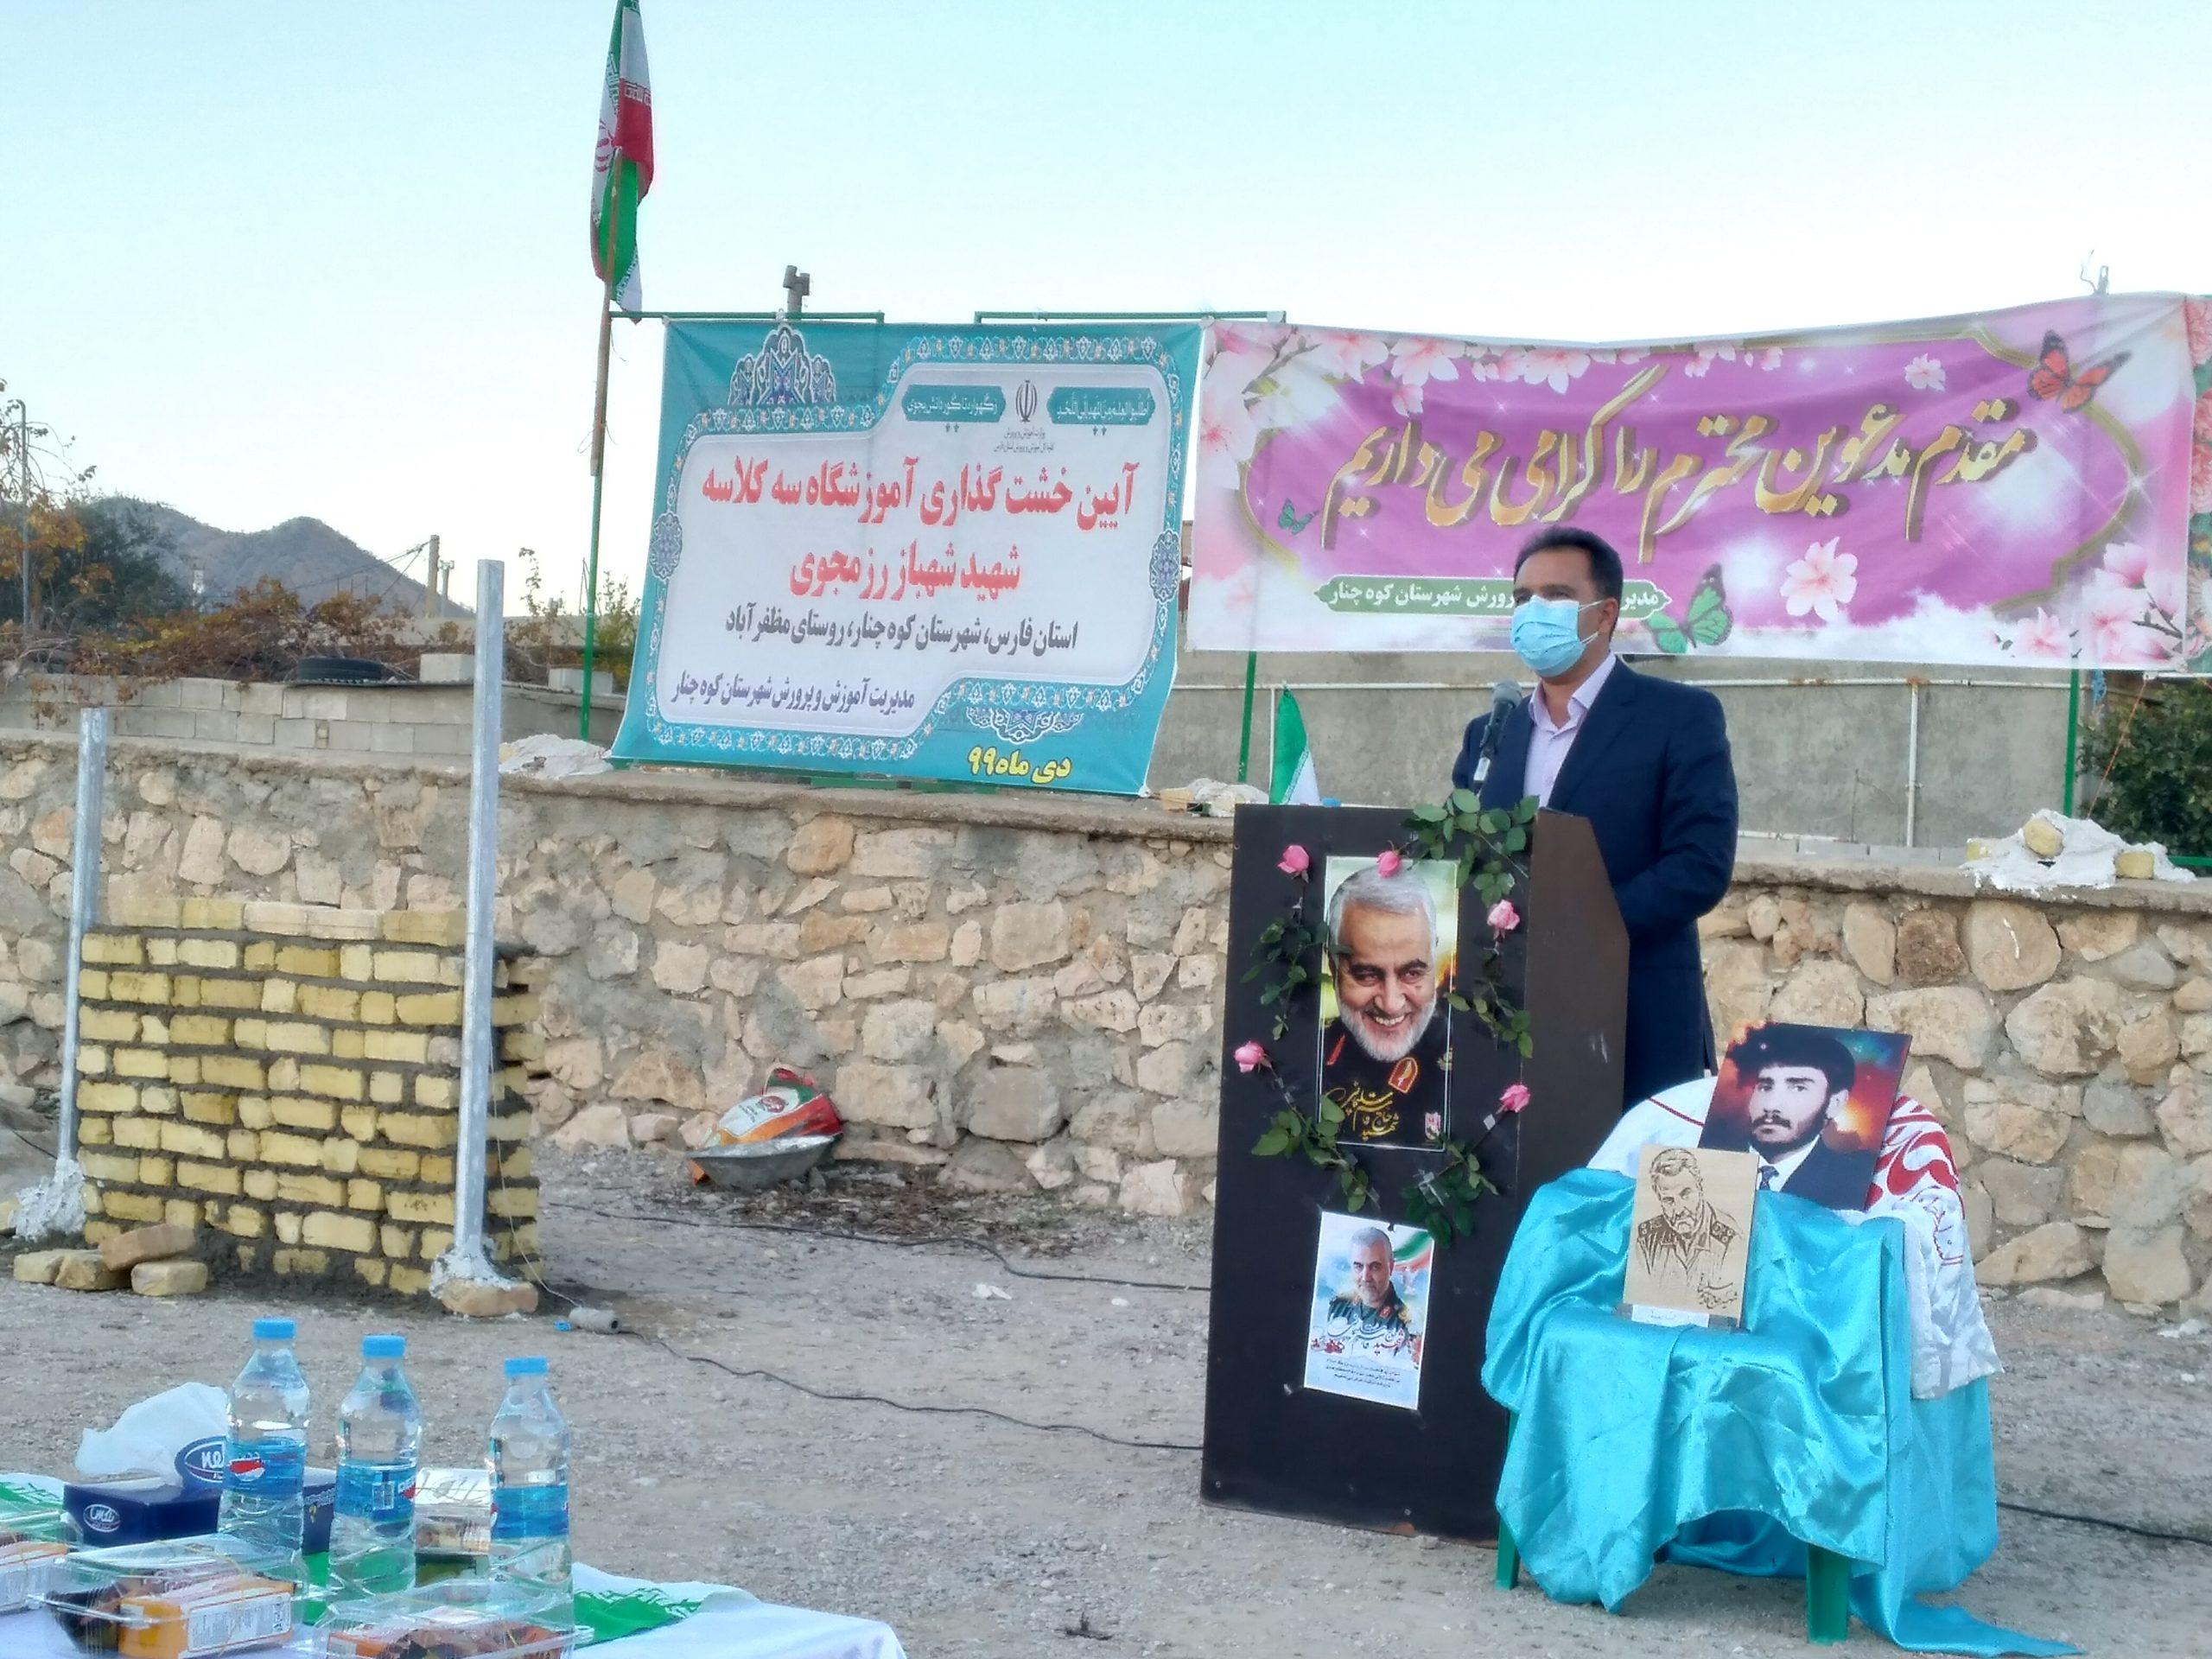 آیین خشت گذاری اولین پروژه طرح آجر به آجر فارس در شهرستان کوهچنار برگزار شد